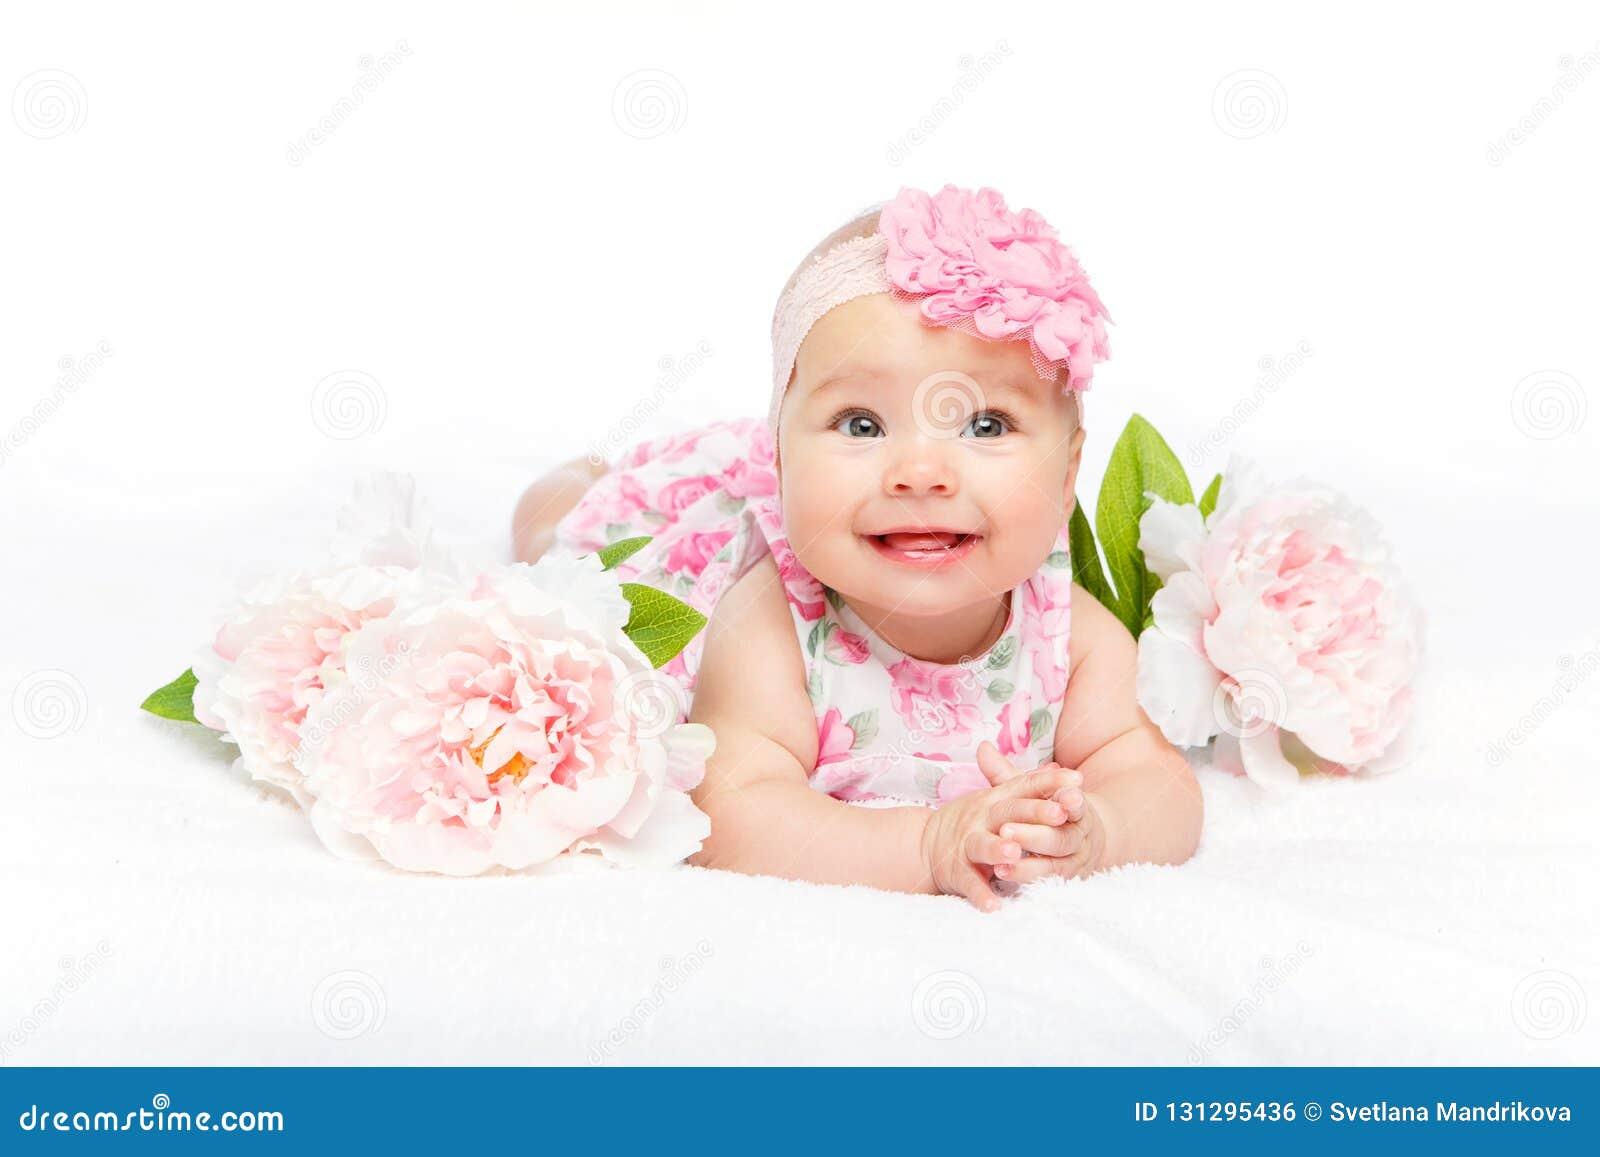 Szczęśliwa piękna dziewczynka z kwiatem na głowie